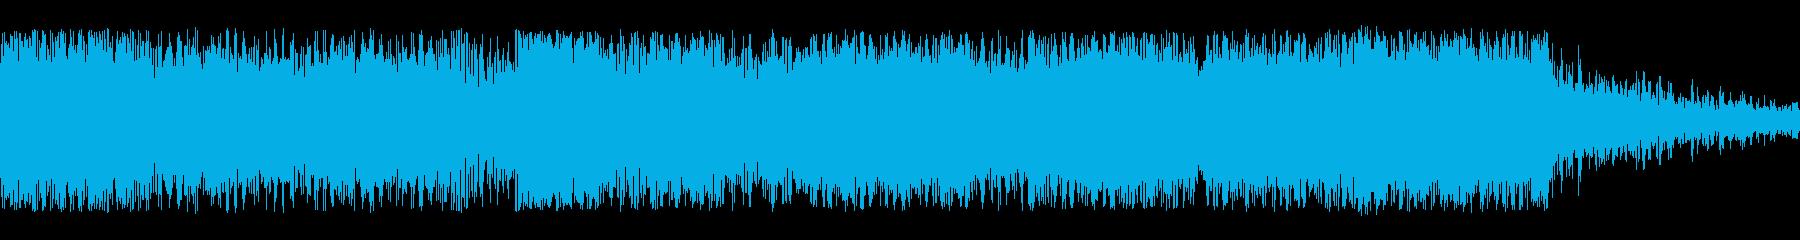 何かに追われるイメージの再生済みの波形